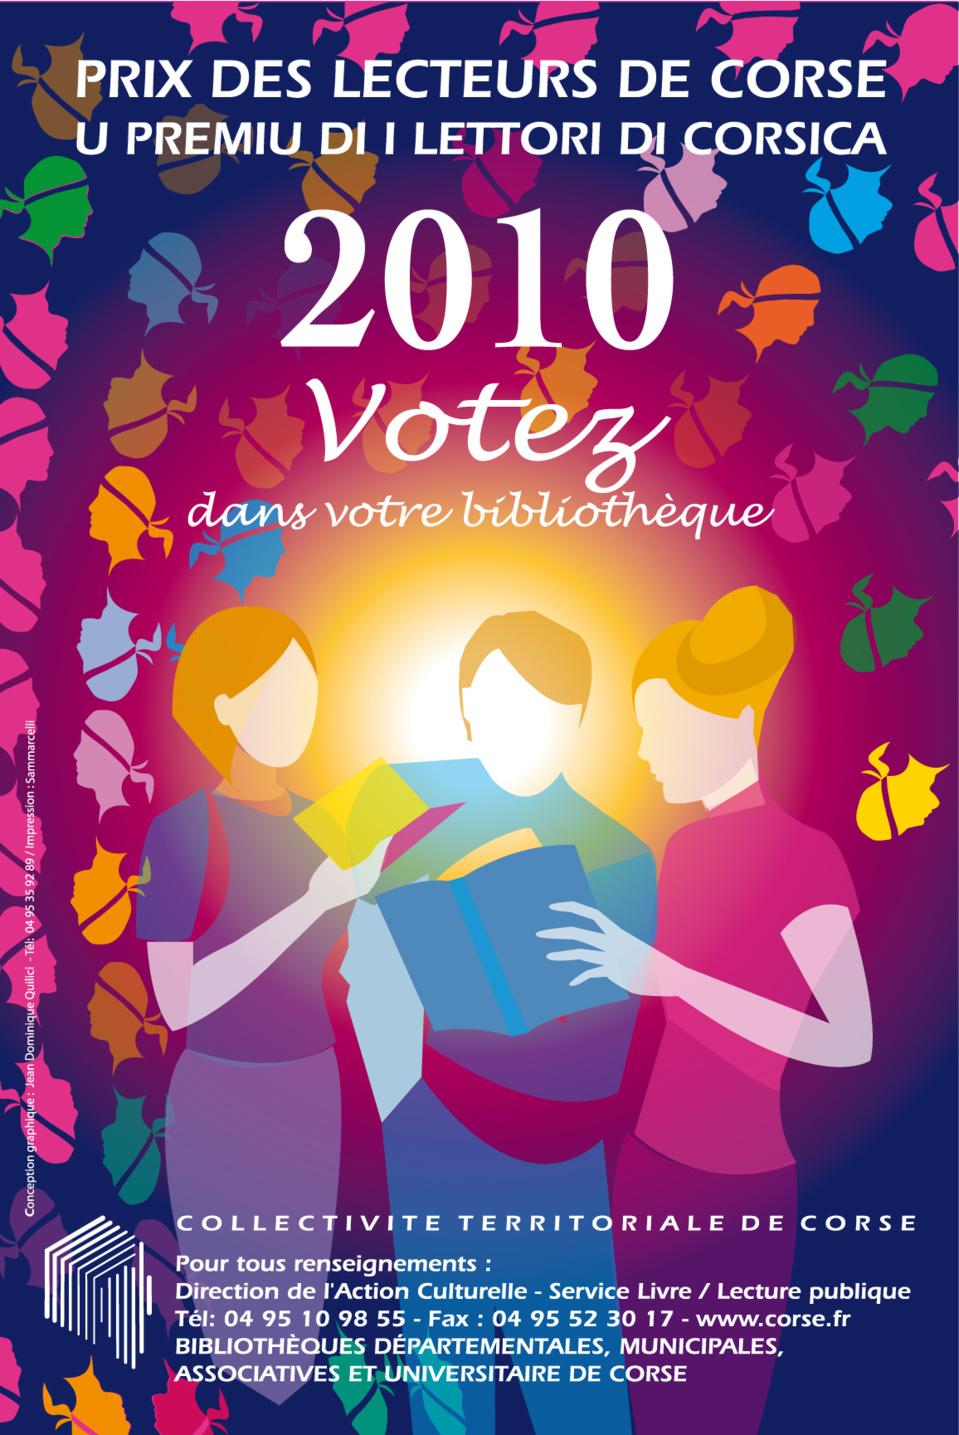 Le prix des lecteurs de Corse 2010